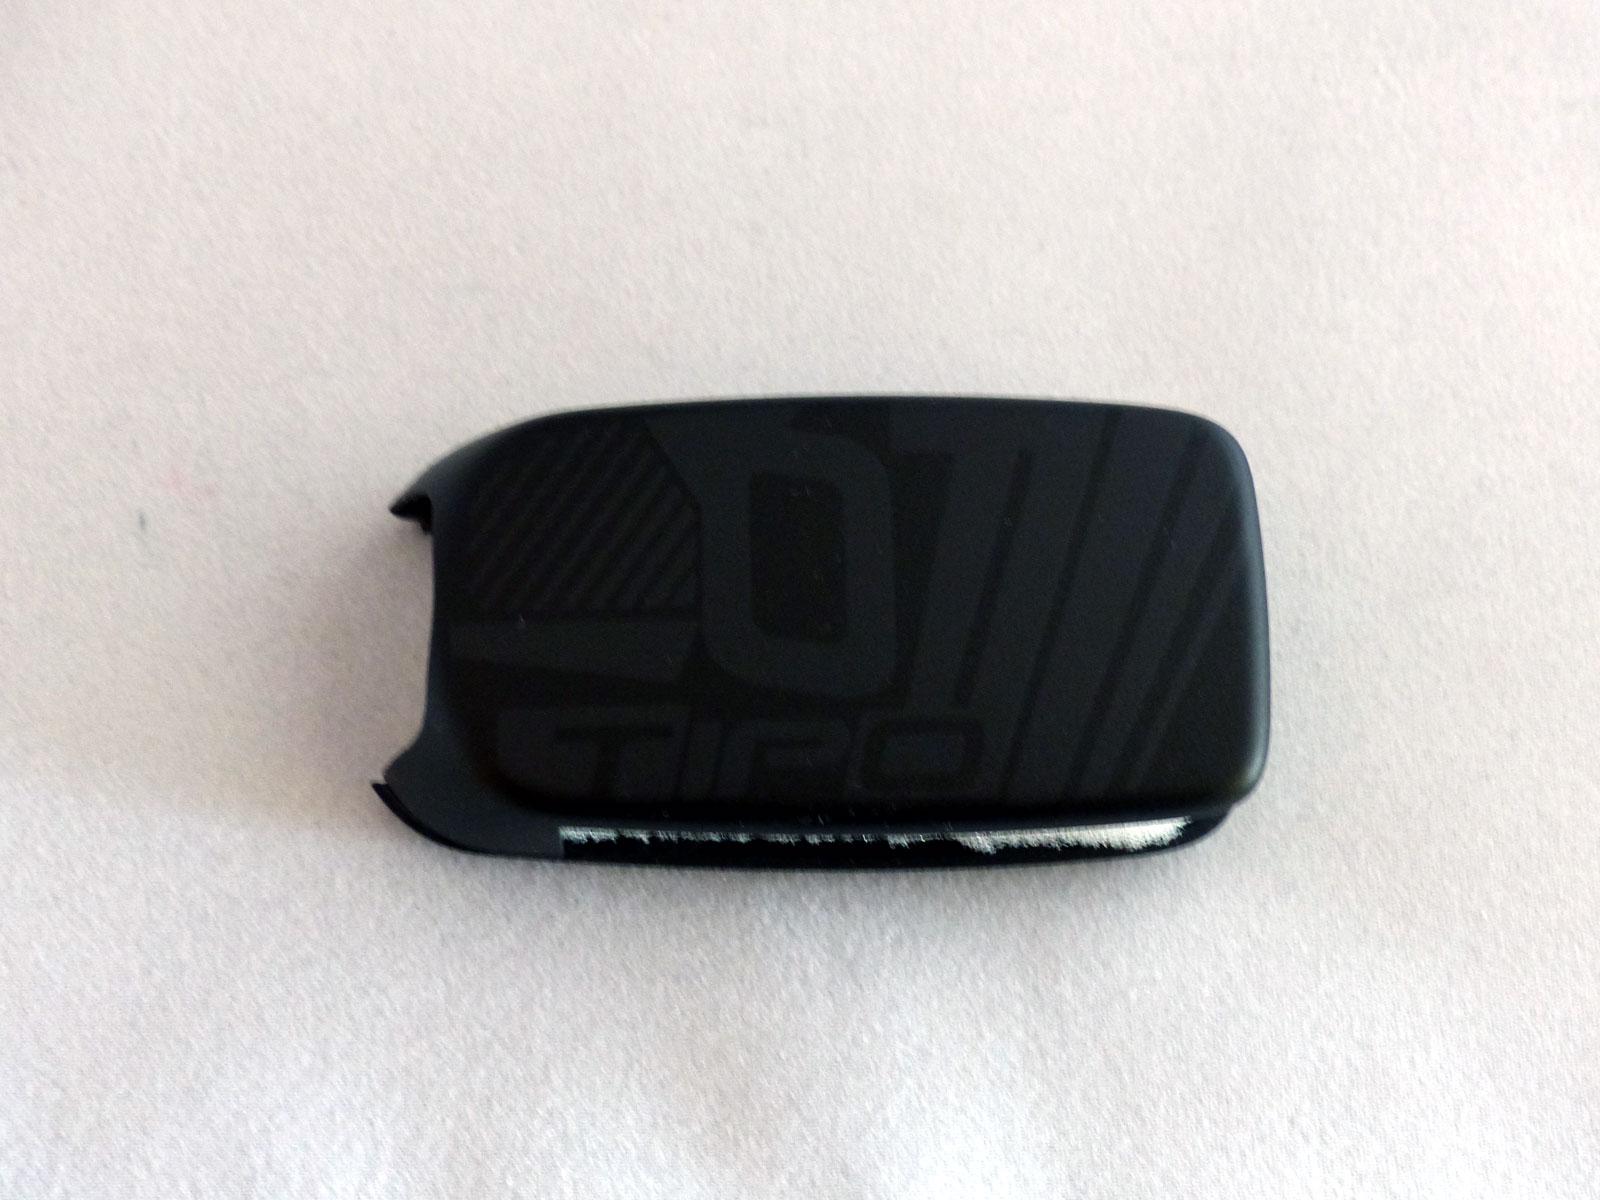 1x Schlüsselschale Schlüsselcover Fiat TIPO neues Modell Schriftzug schwarz matt